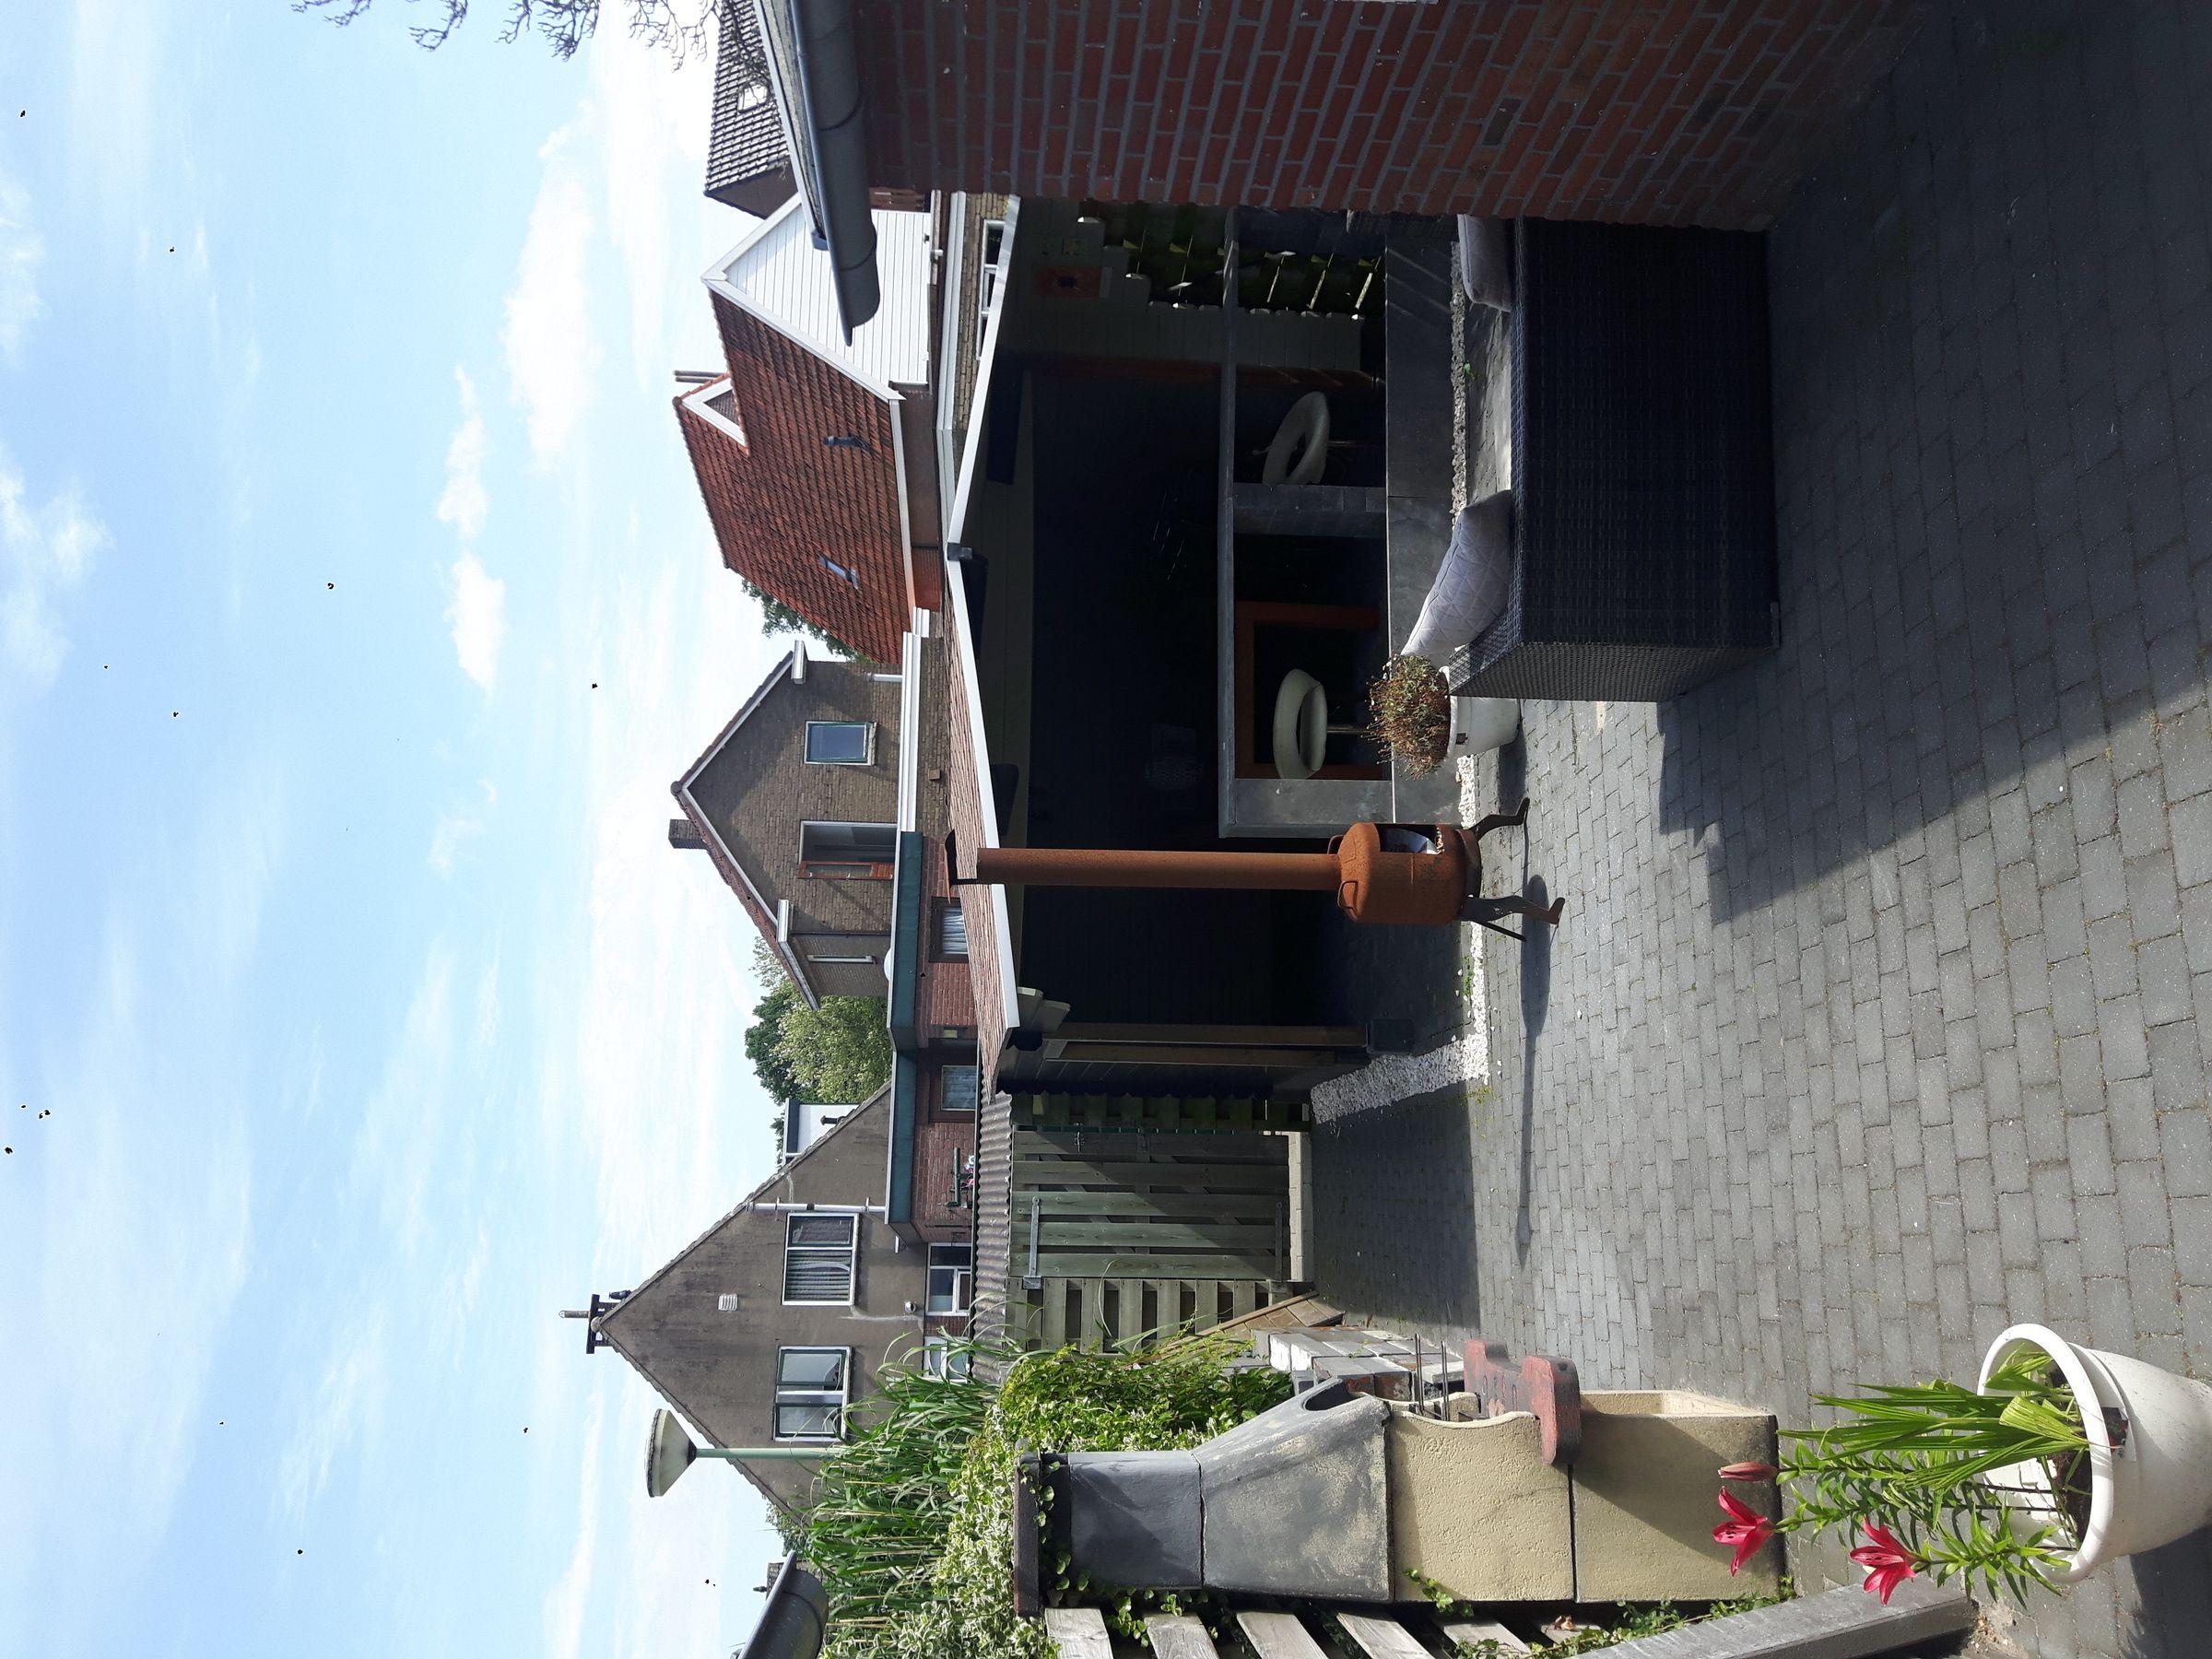 K de Raadstraat, Hoogeveen